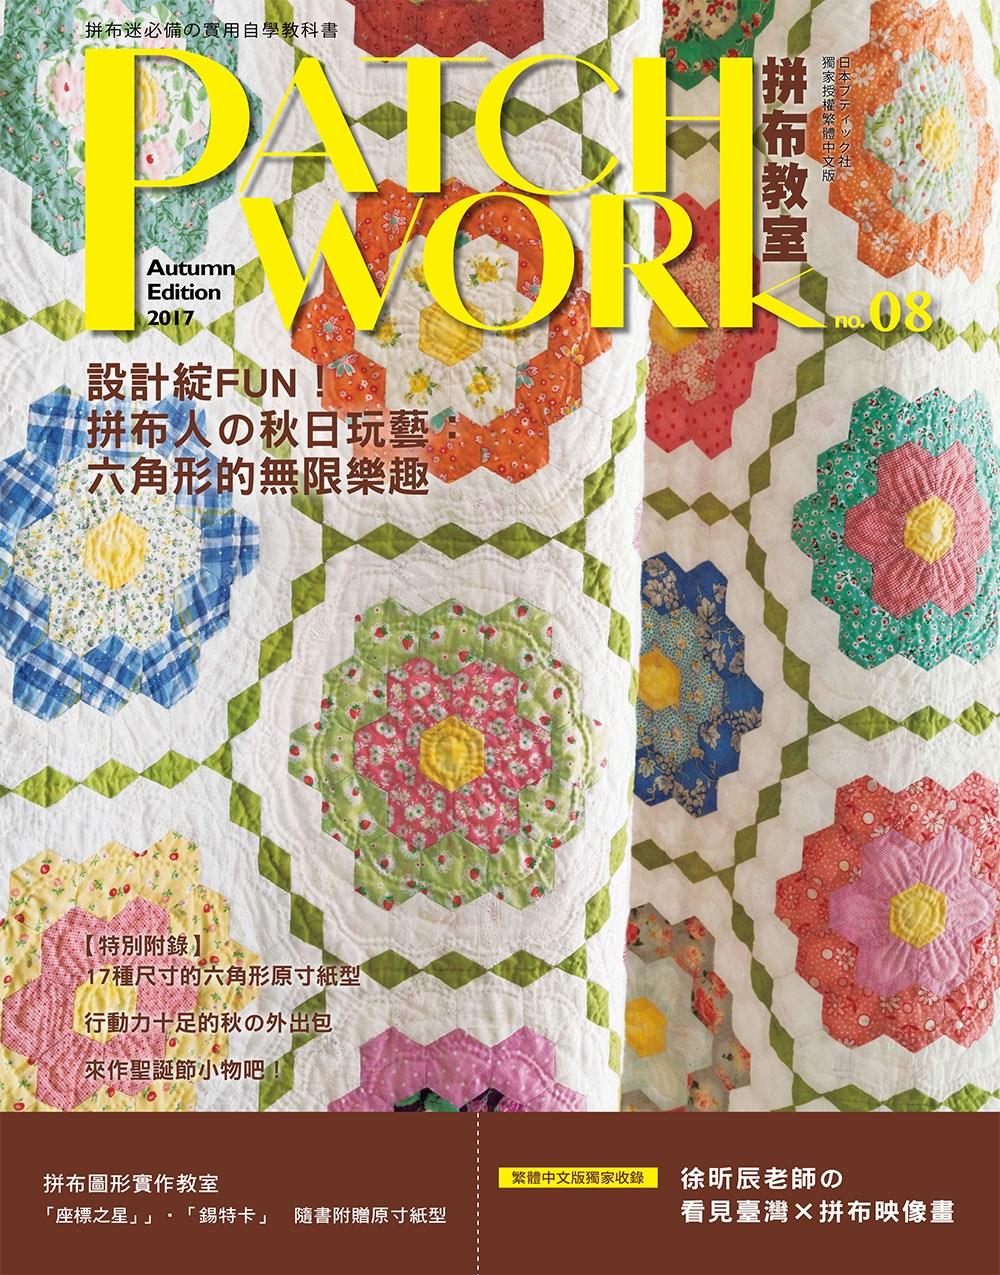 ◤博客來BOOKS◢ 暢銷書榜《推薦》Patchwork拼布教室08:設計綻FUN!拼布人的秋日玩藝: 六角形的無限樂趣